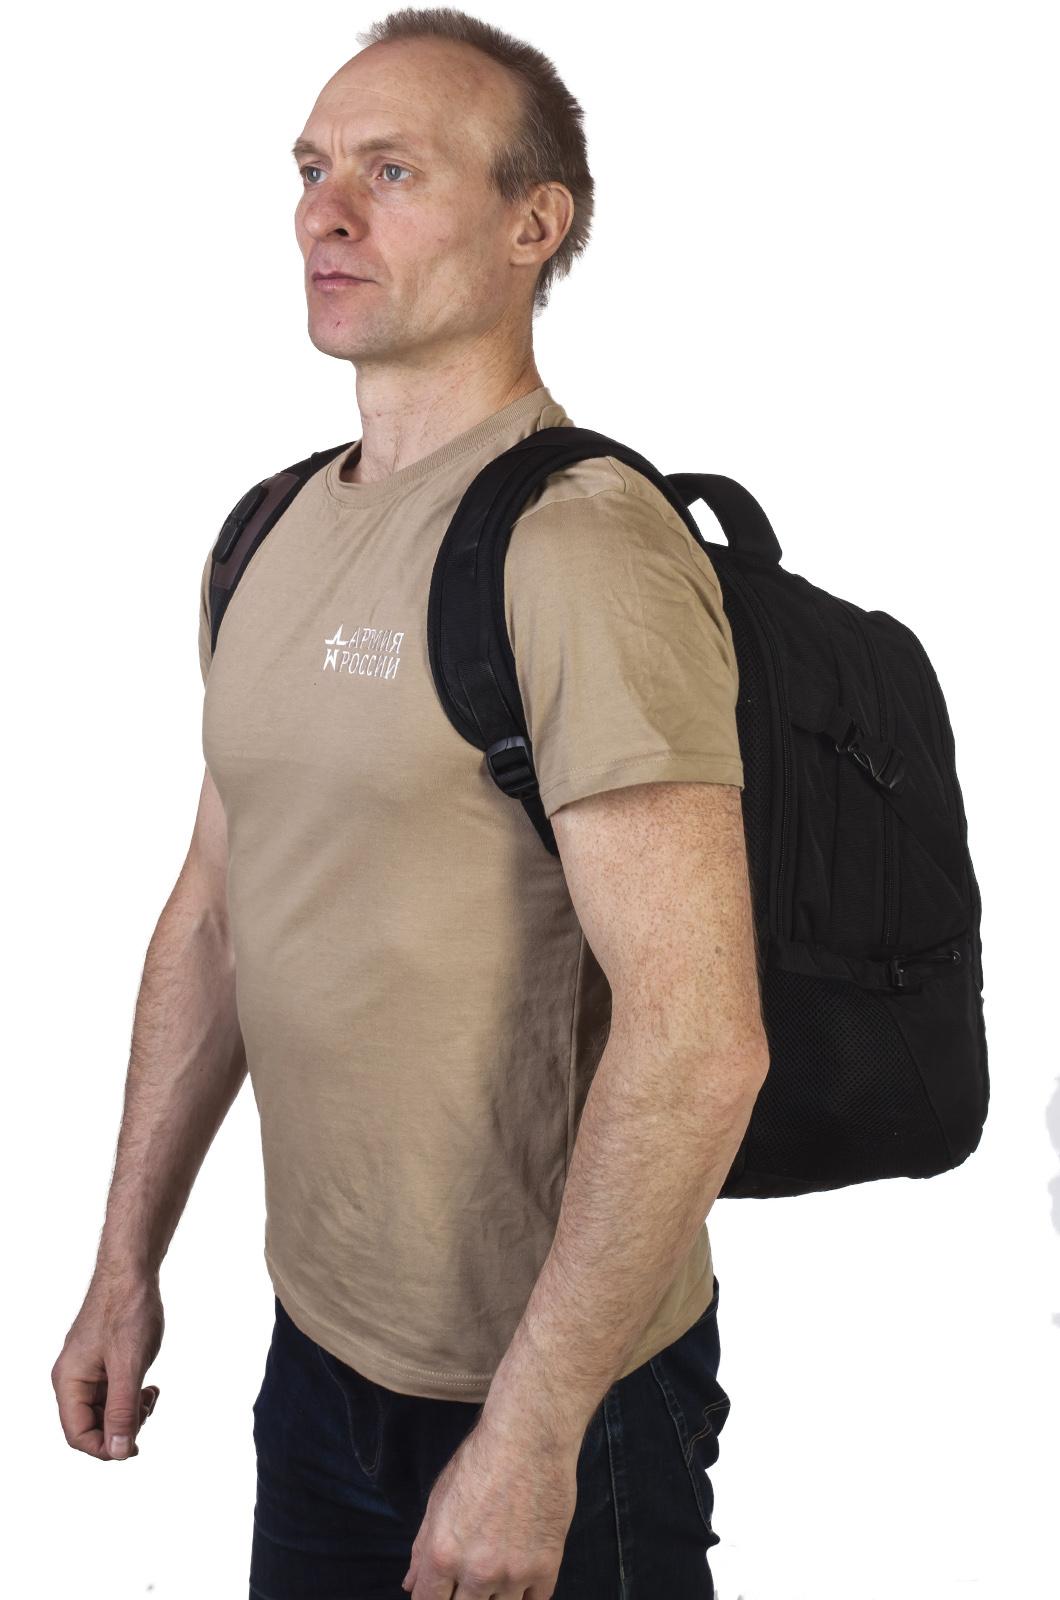 Эргономичный вместительный рюкзак с нашивкой Пиратский флаг - купить по низкой цене